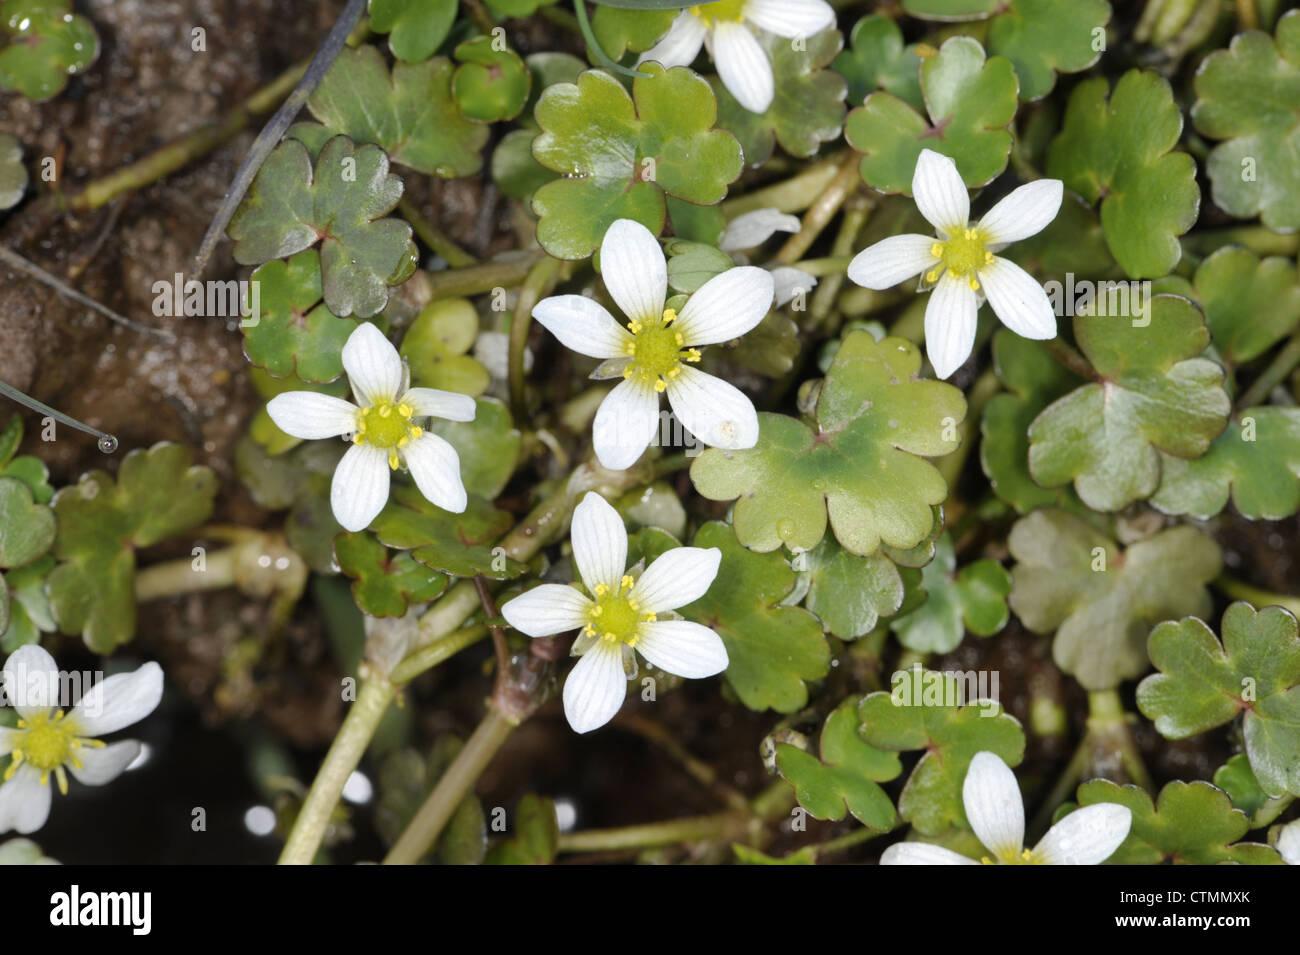 ROUND-LEAVED CROWFOOT Ranunculus omiophyllus (Ranunculaceae) - Stock Image